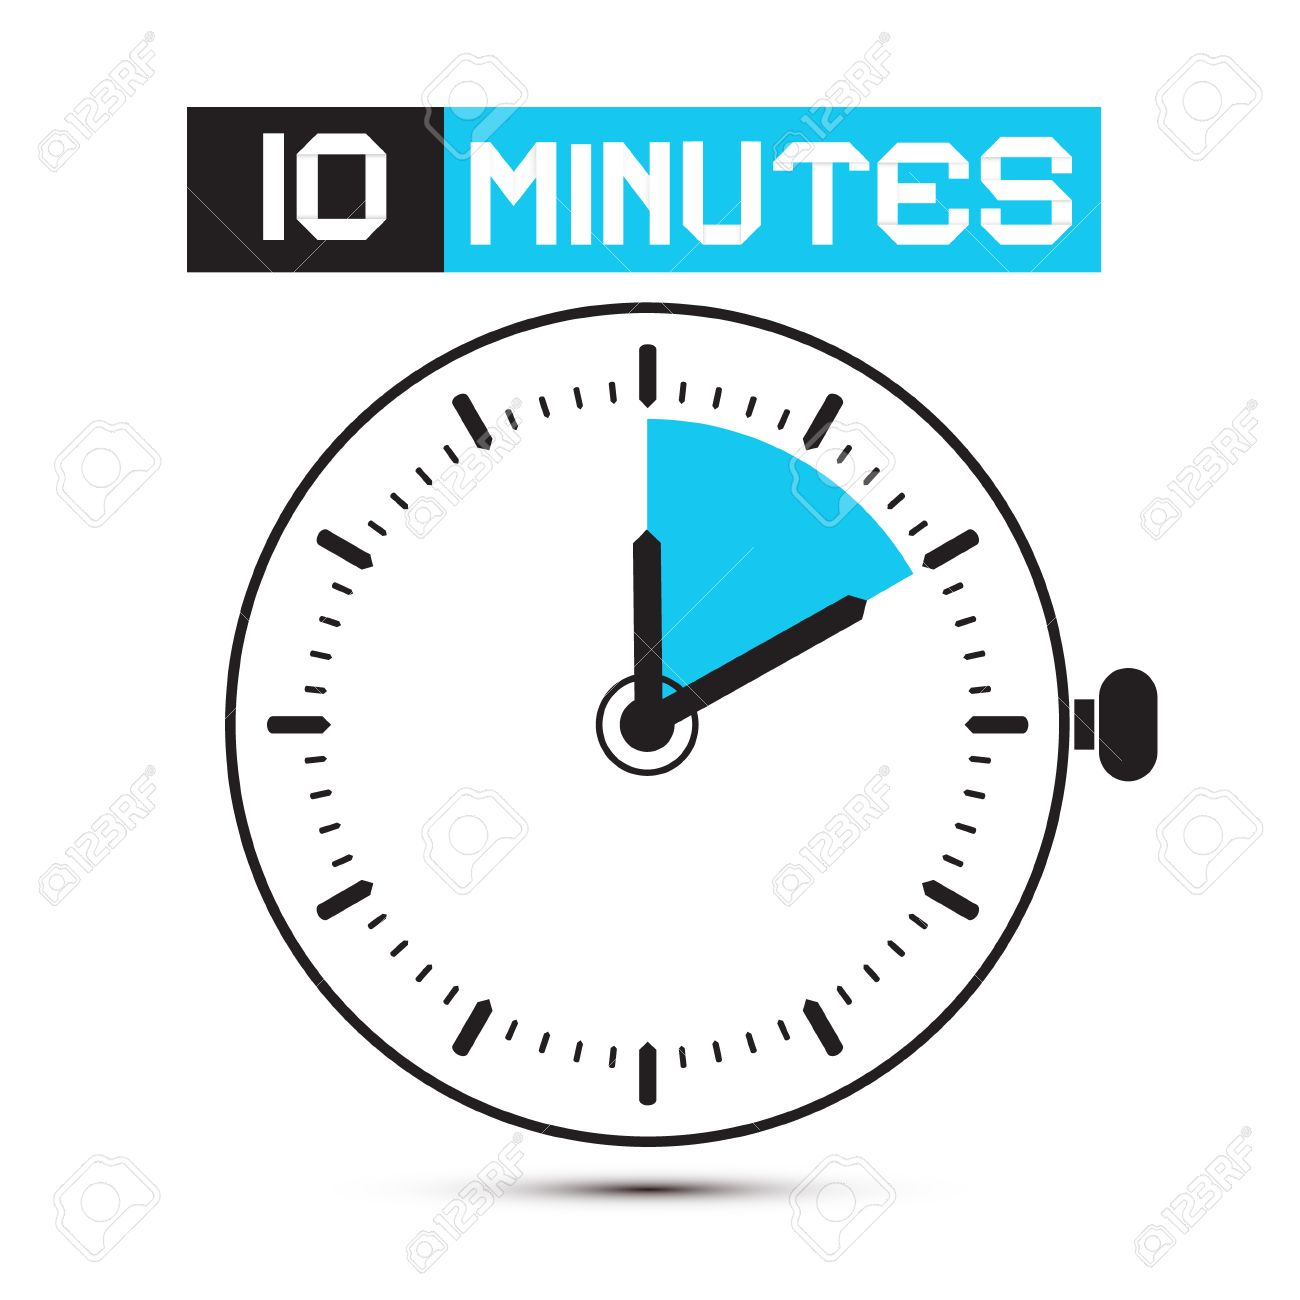 ten minutes stop watch clock illustration stock vector 27787897